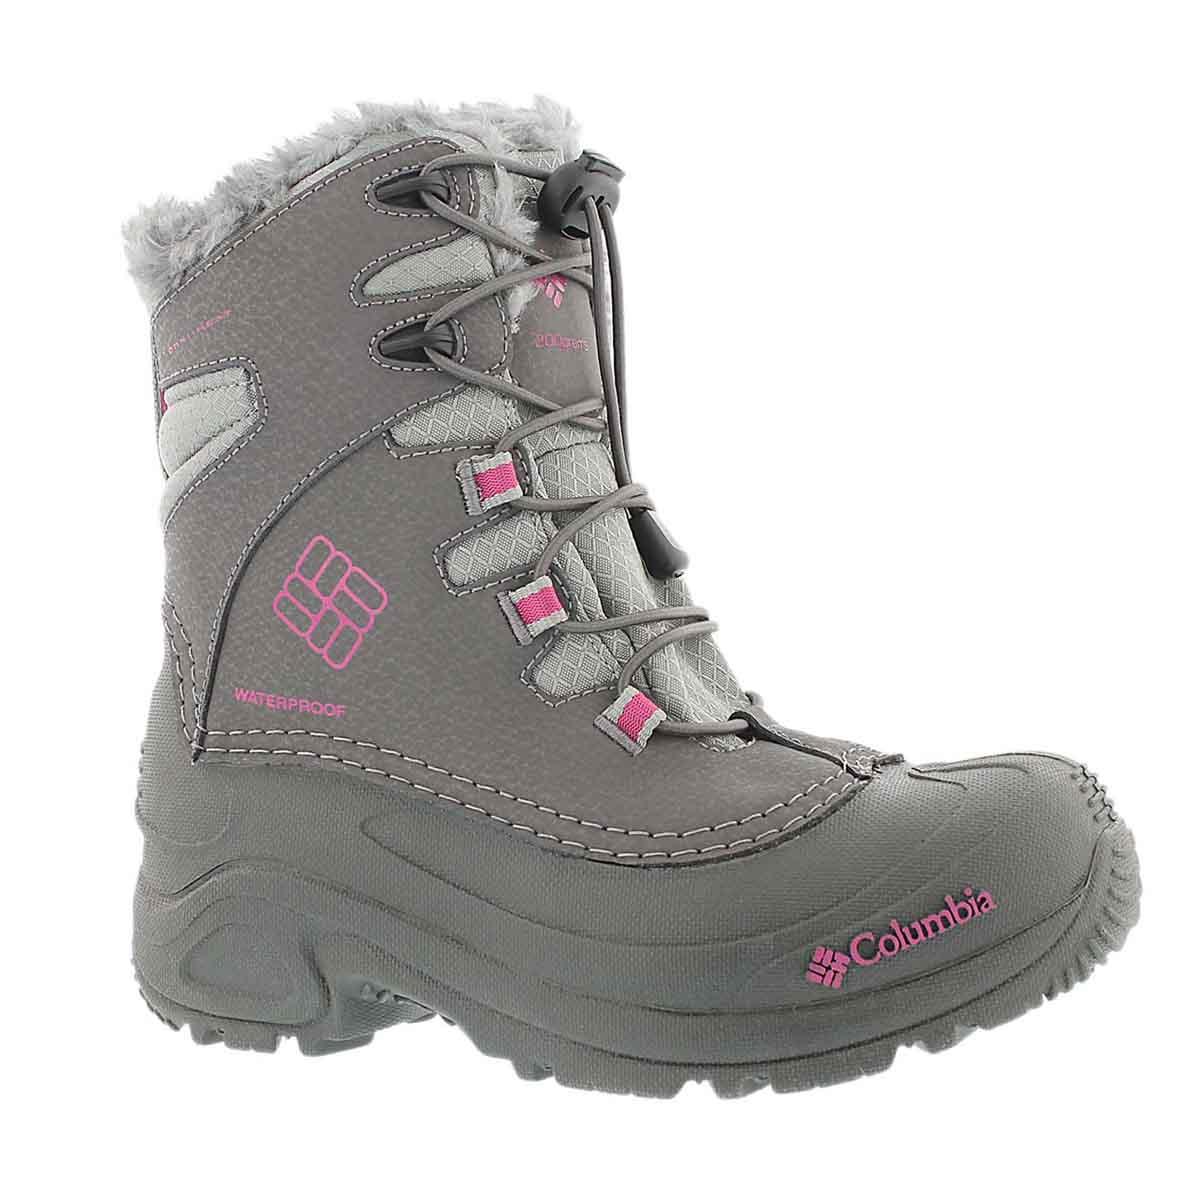 Xxx Snow Boots 31